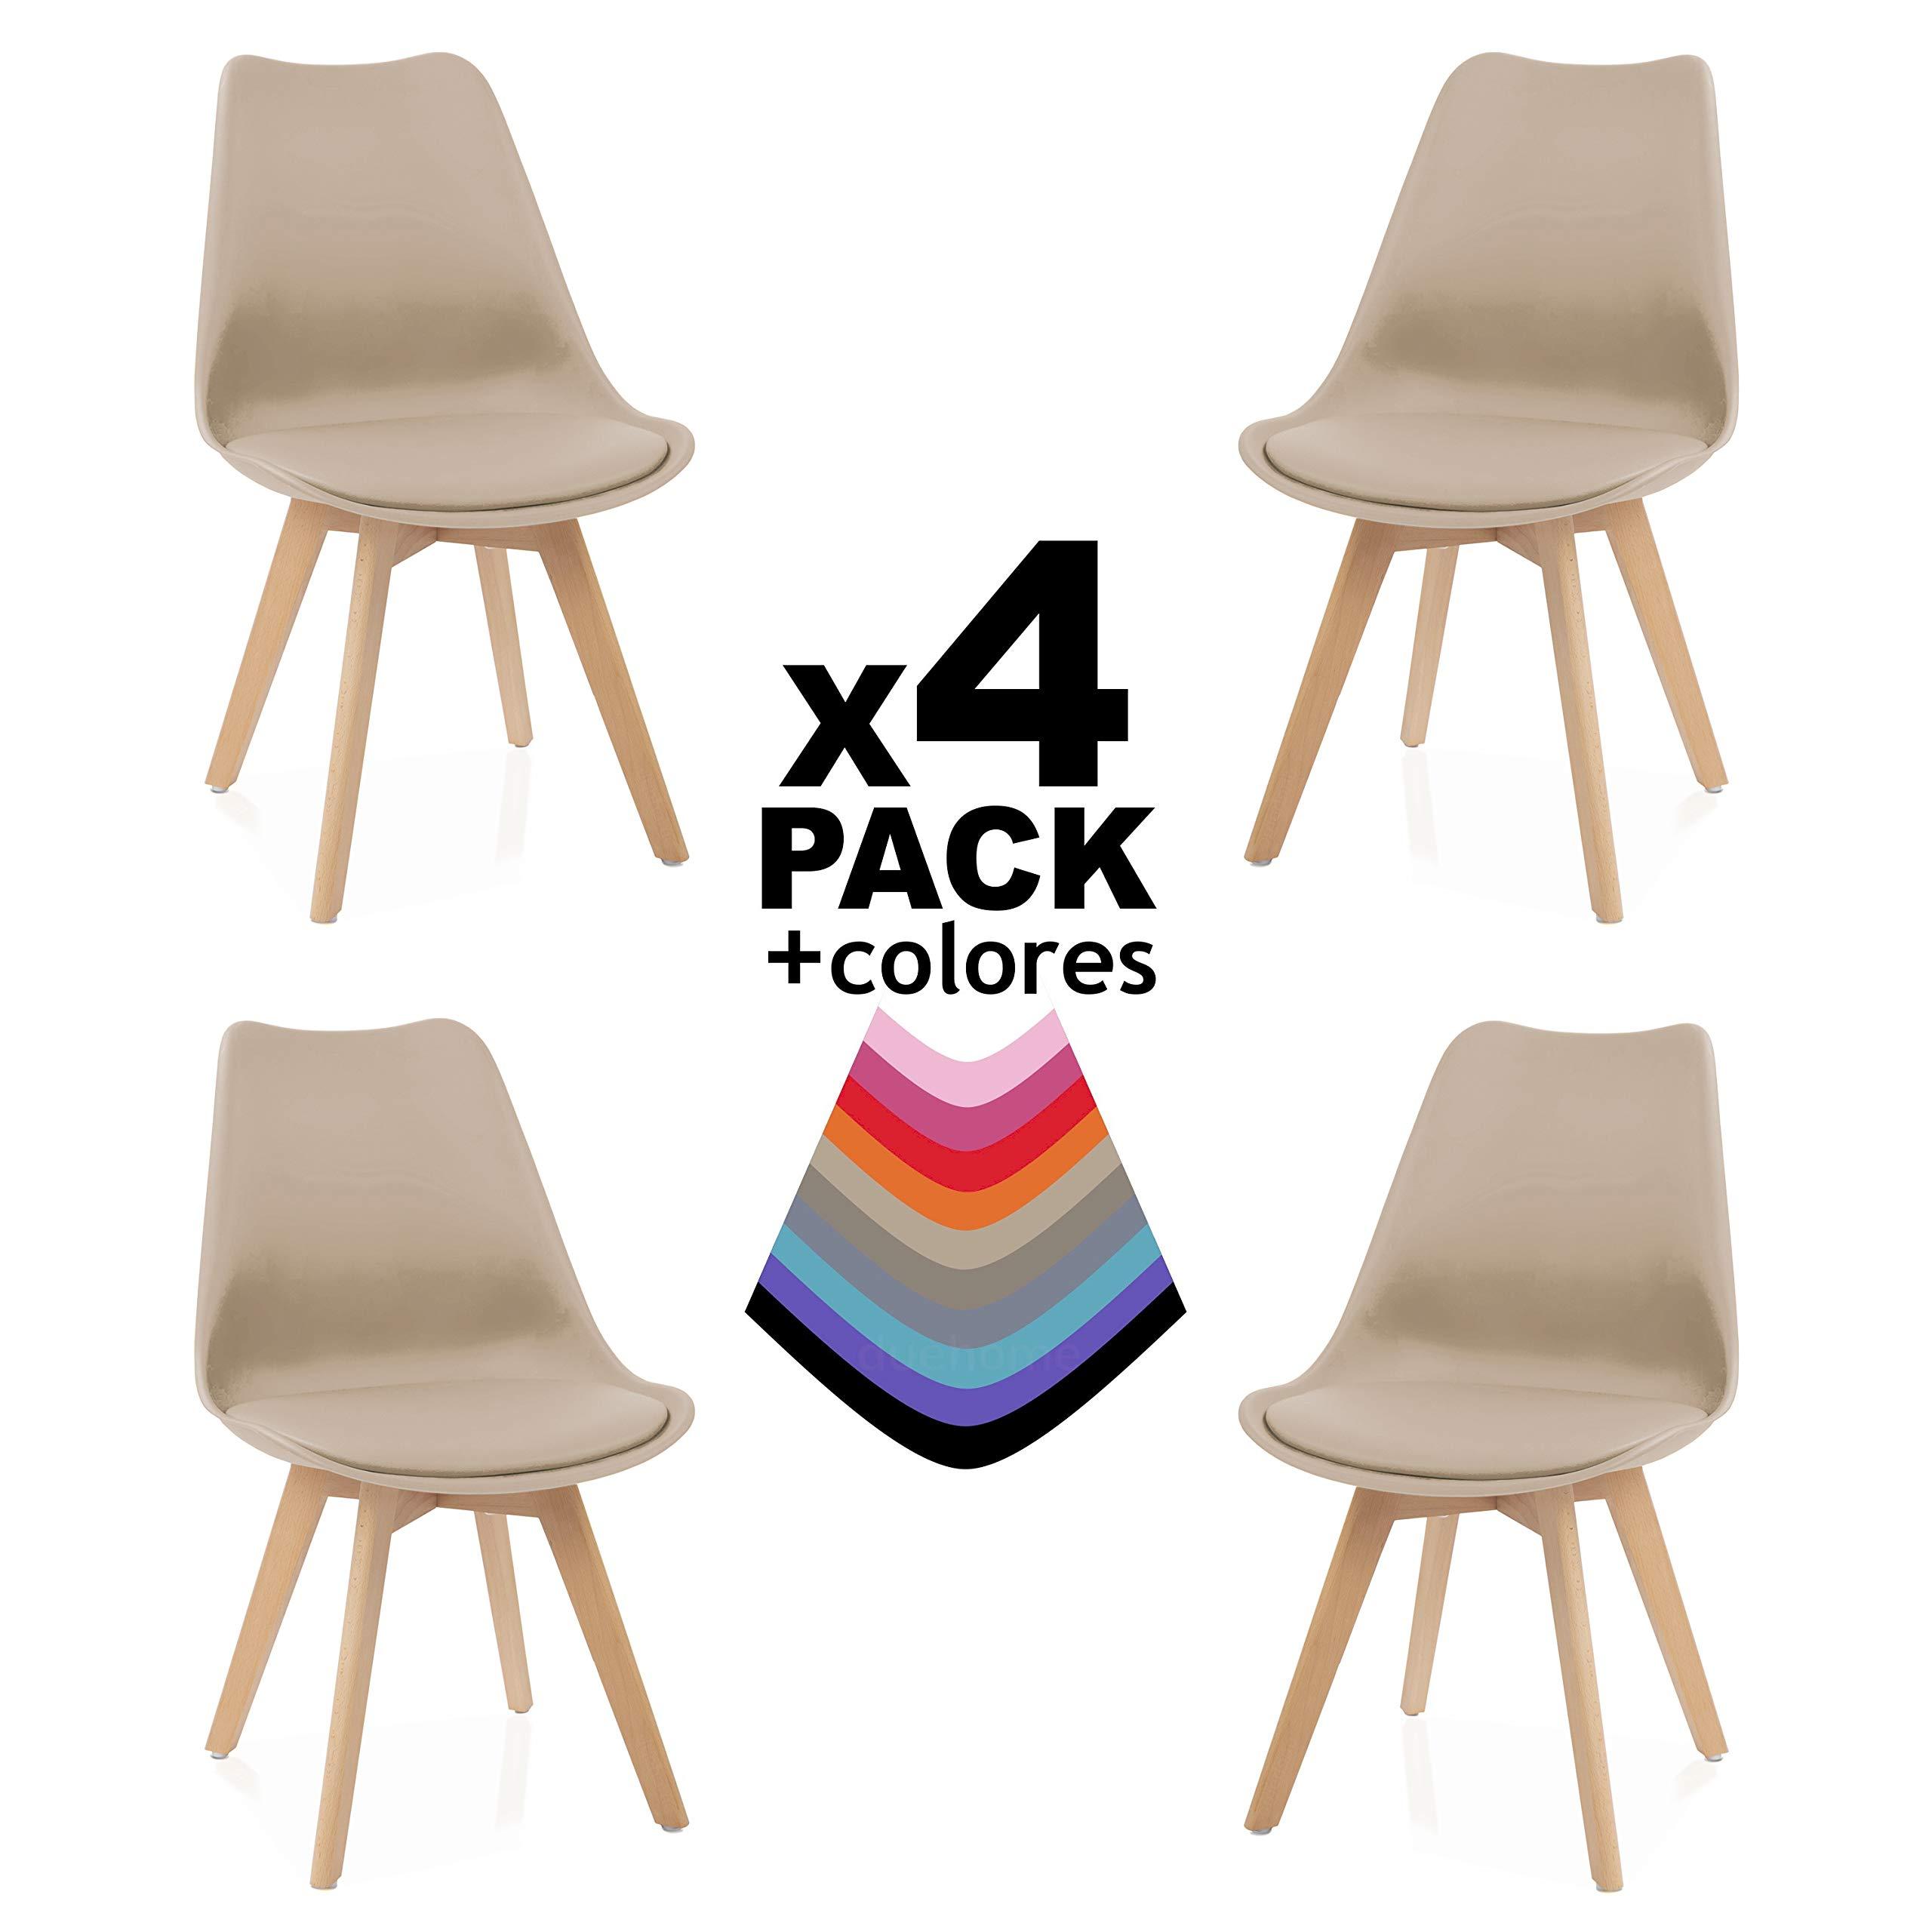 Due-Home - Beench - Pack 4 sillas Tower Madera Haya, sillas de Comedor Estilo nordico, Medidas: 83 cm (Alto) x 49 (Ancho) cm x 53.5 cm (Fondo) (Arena): Amazon.es: Juguetes y juegos